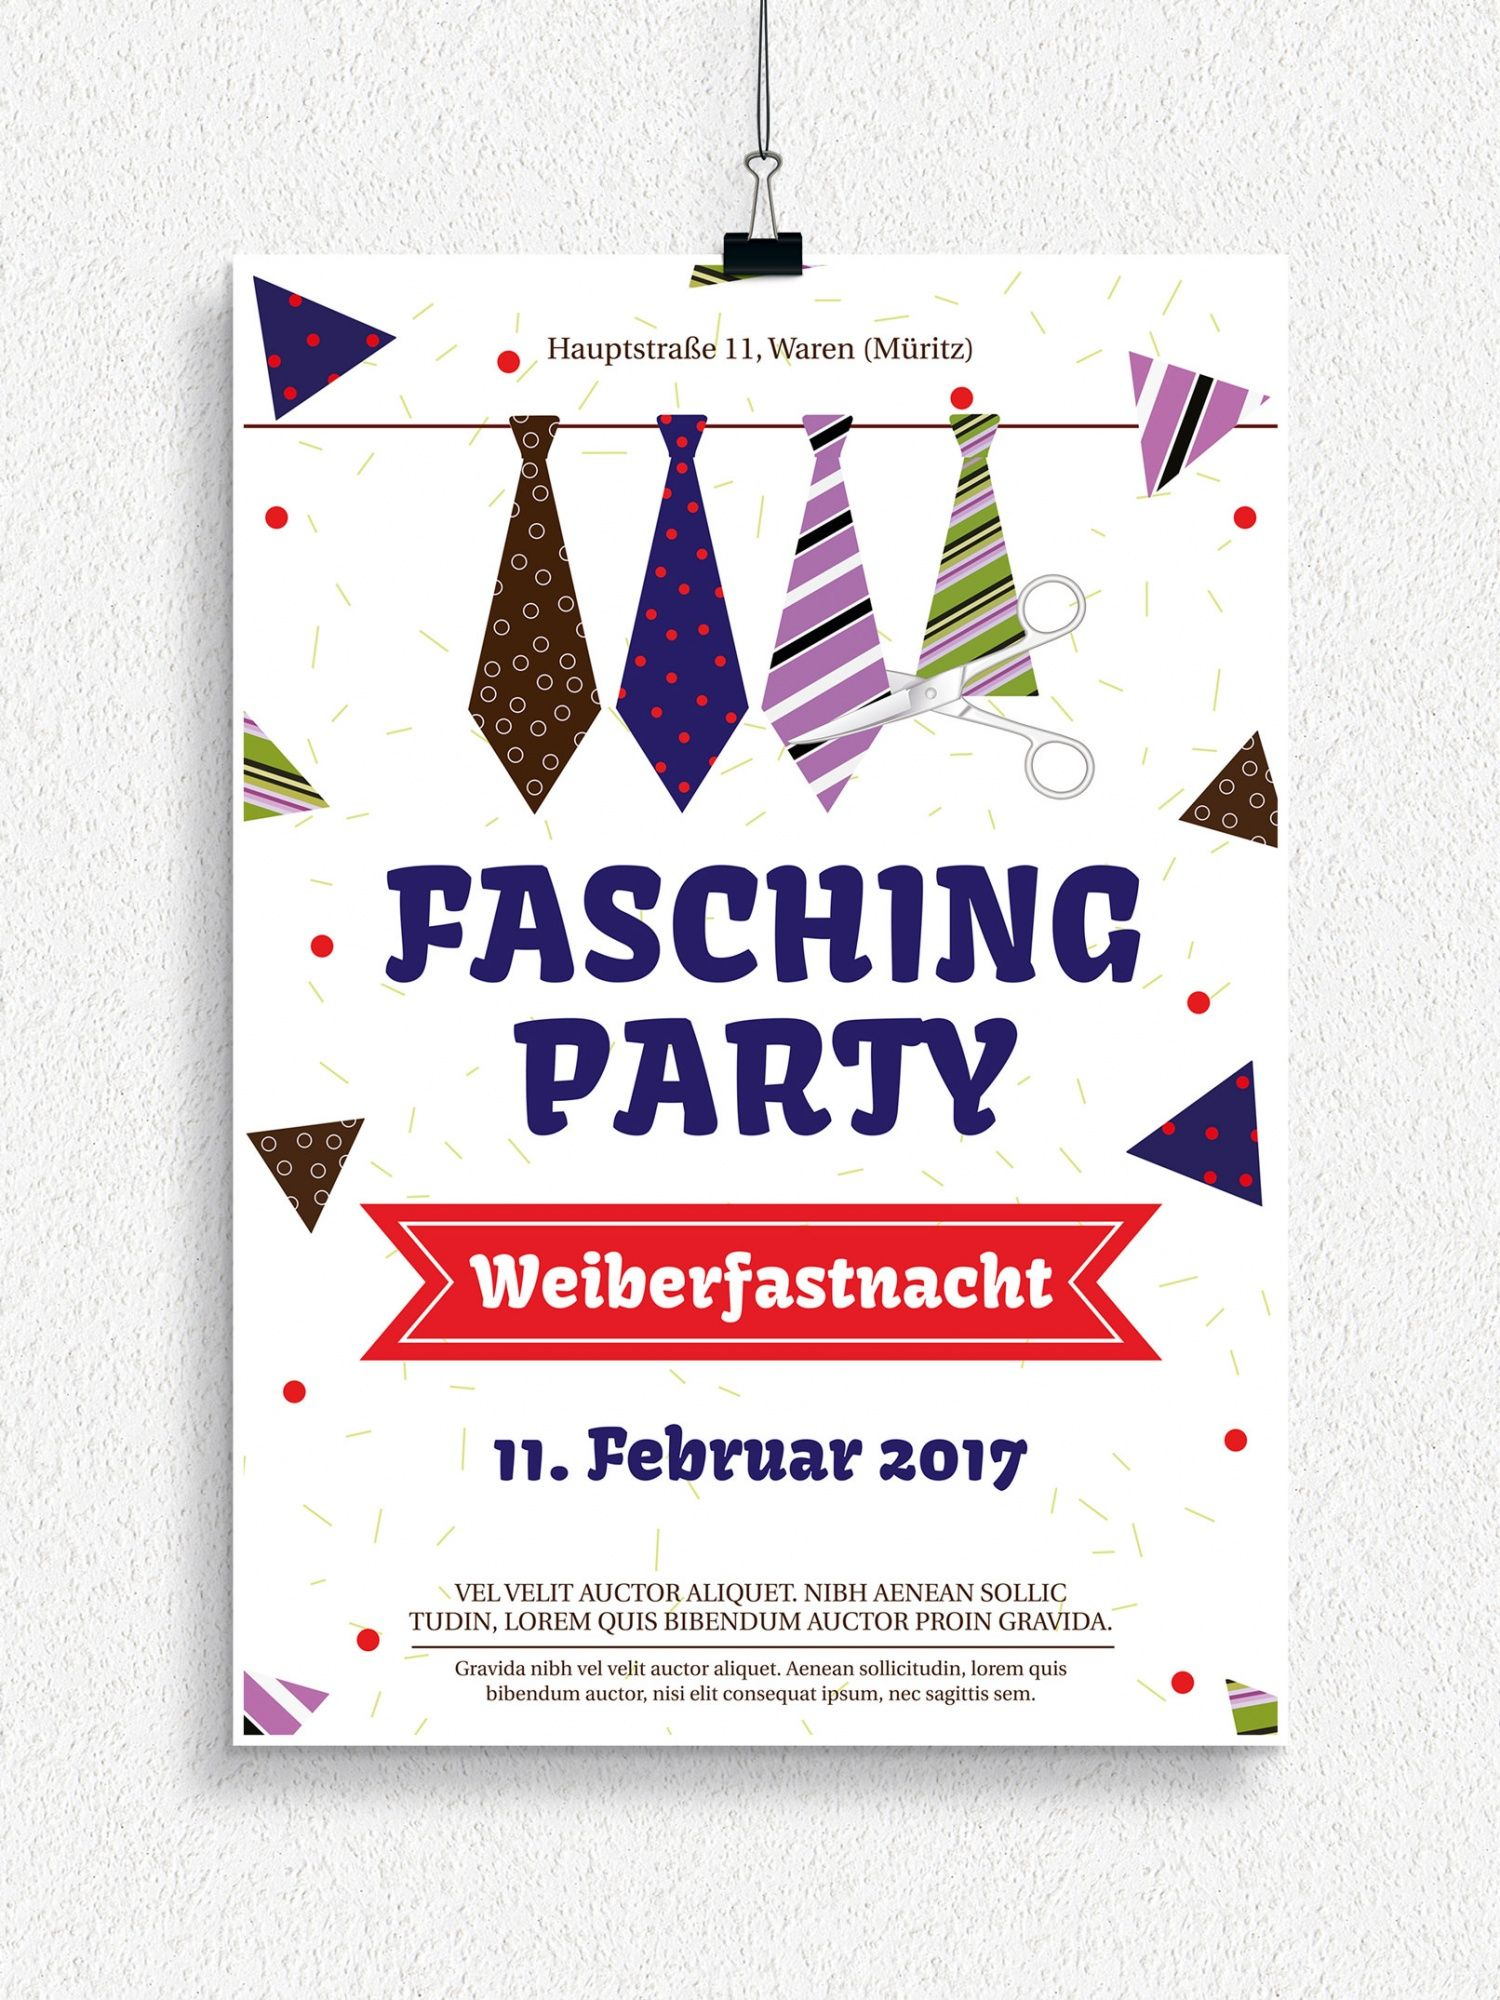 Ob Veilchendienstag Karnevalsumzug Kinderfasching Weiberfastnacht